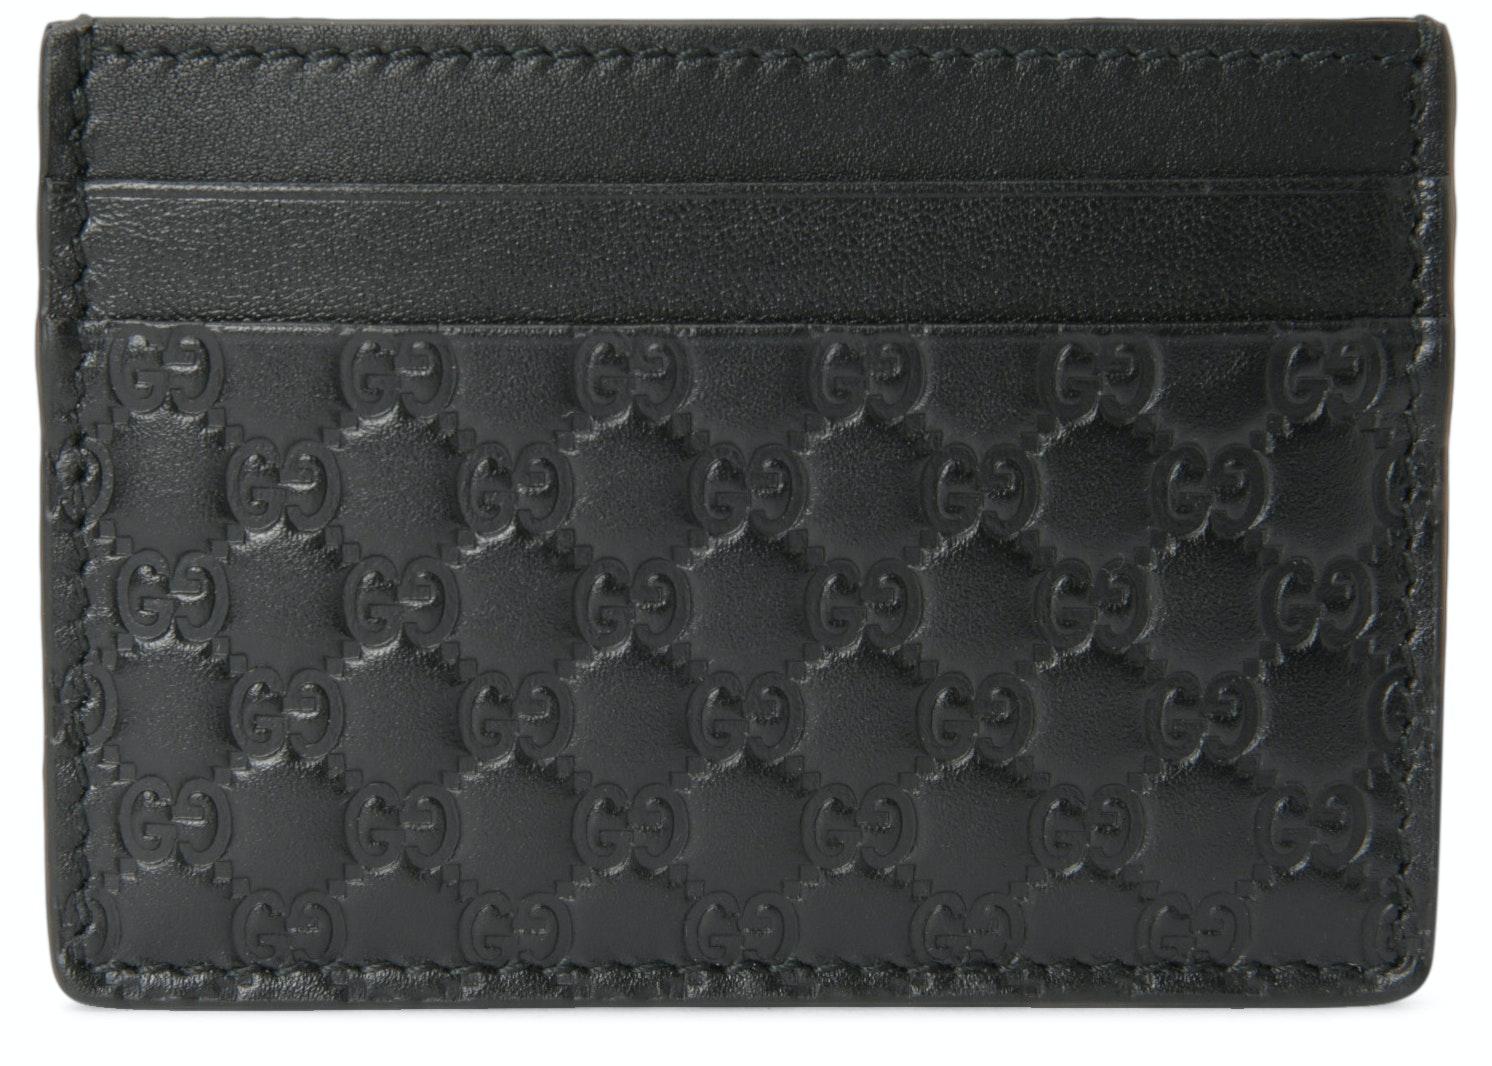 Gucci Card Case Microguccissima Black